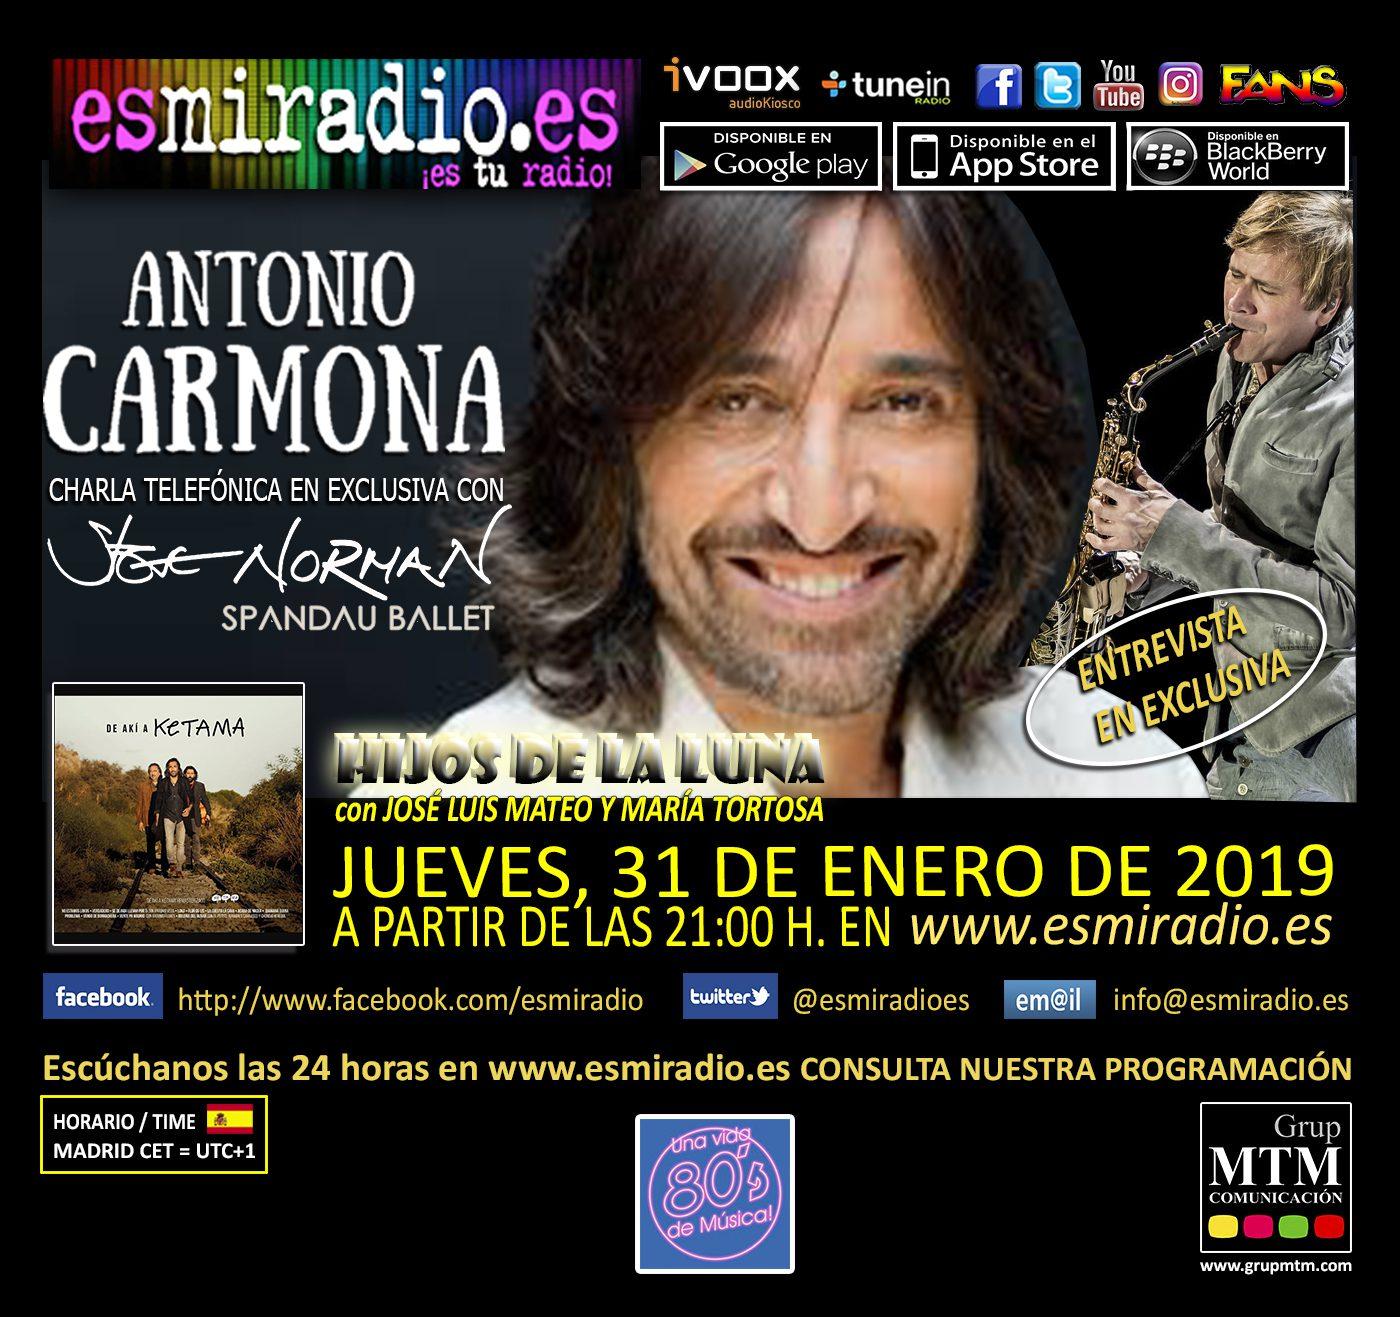 Antonio Carmona 310119 esmiradio